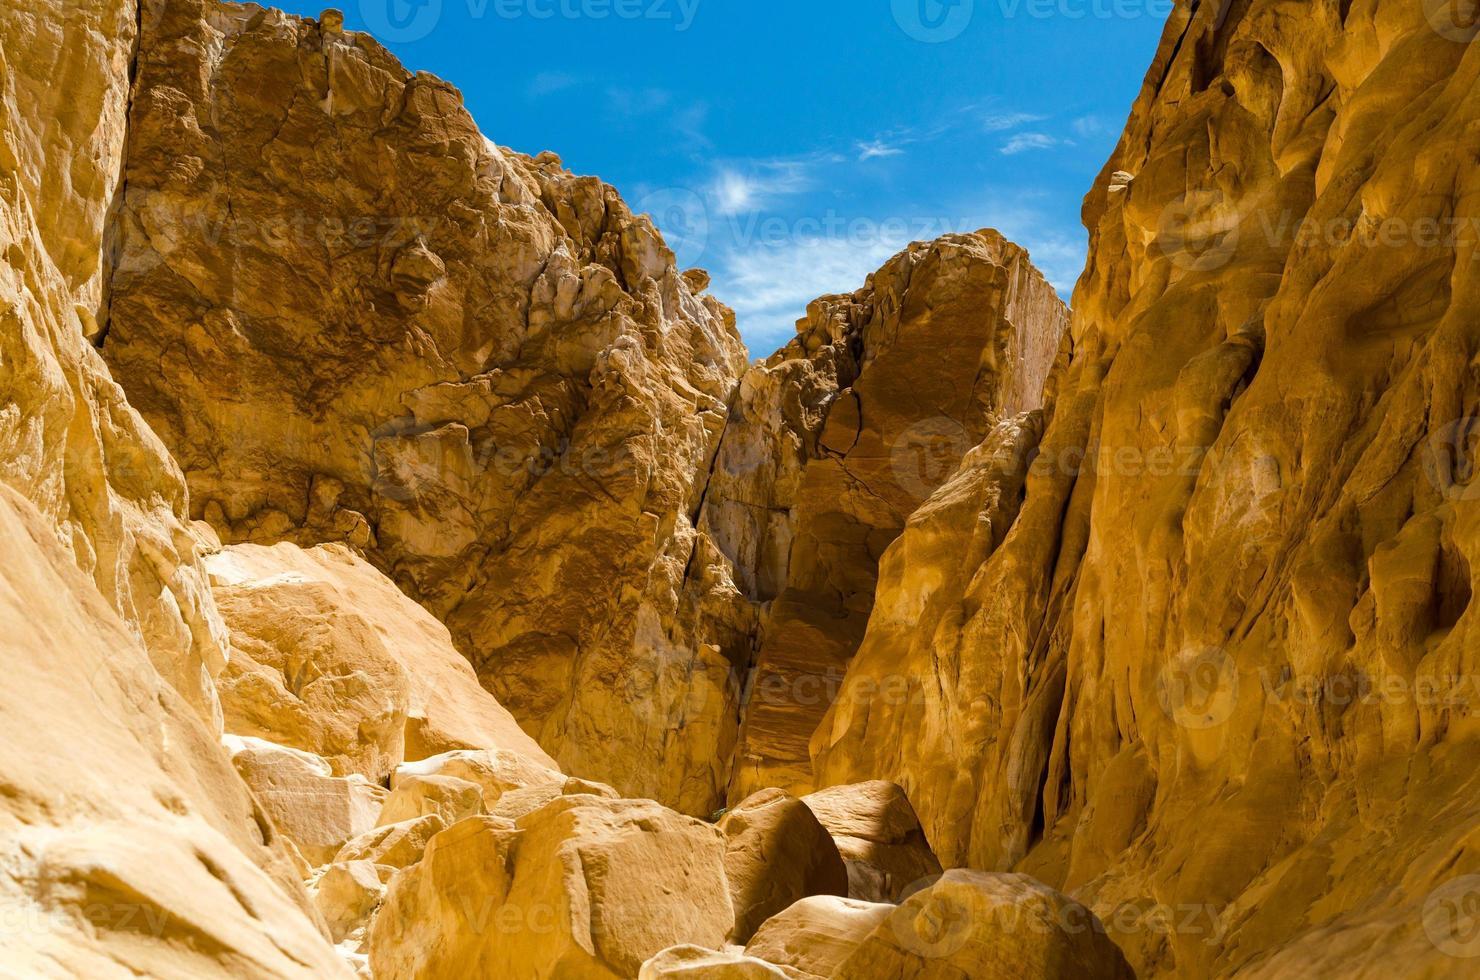 rotsachtige woestijn met blauwe lucht foto